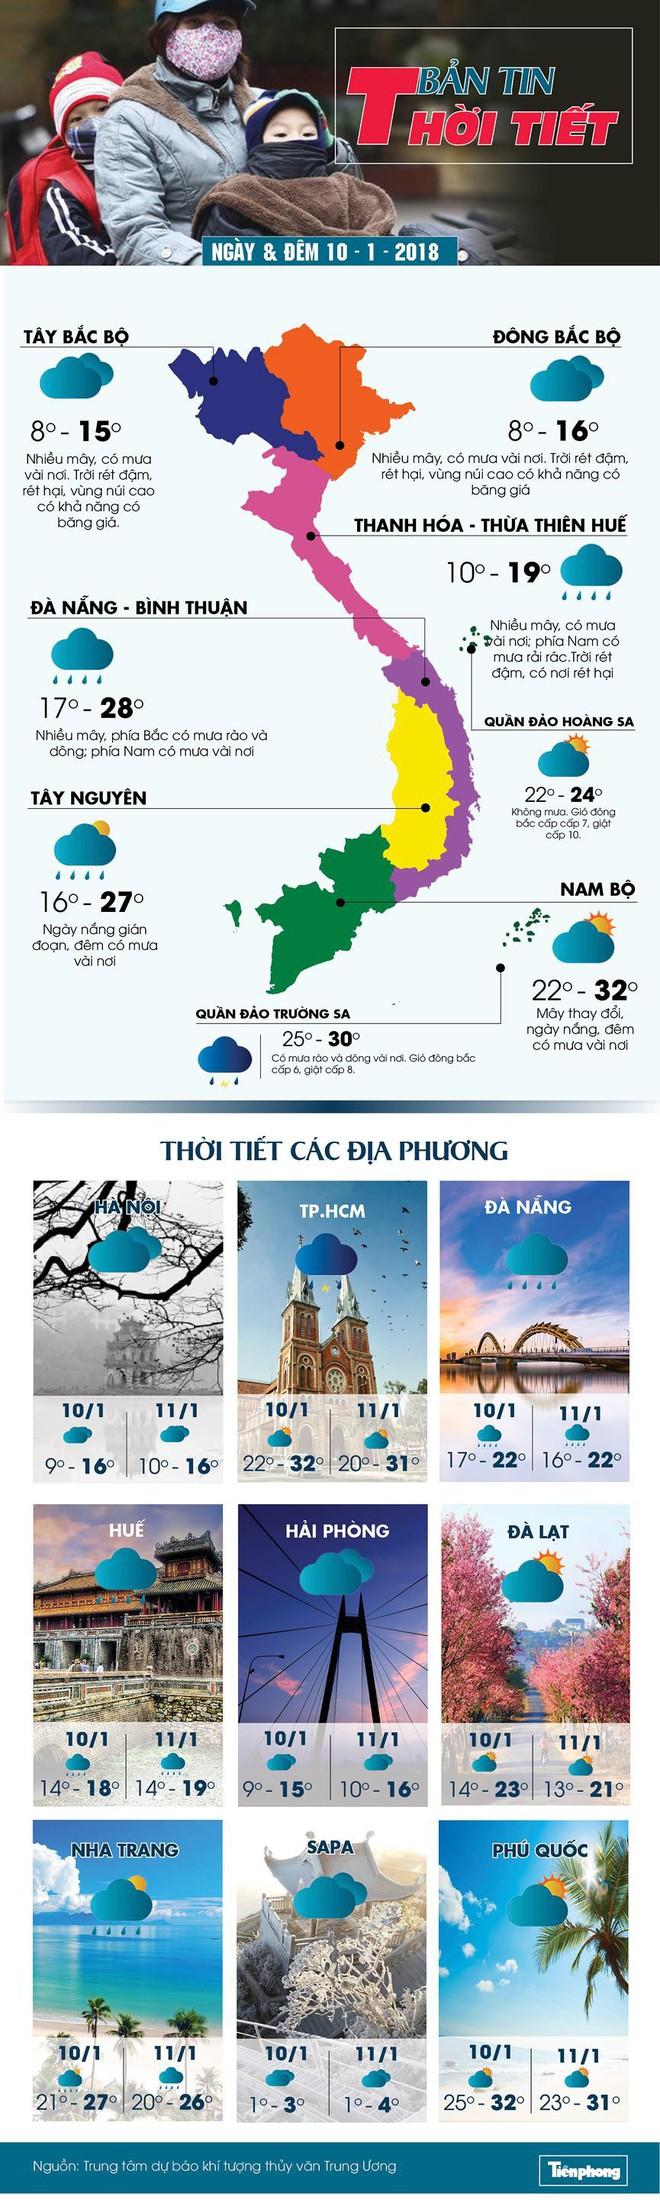 Rét đậm bao trùm Miền Bắc, Hà Nội lạnh 9 độ C  - Ảnh 1.